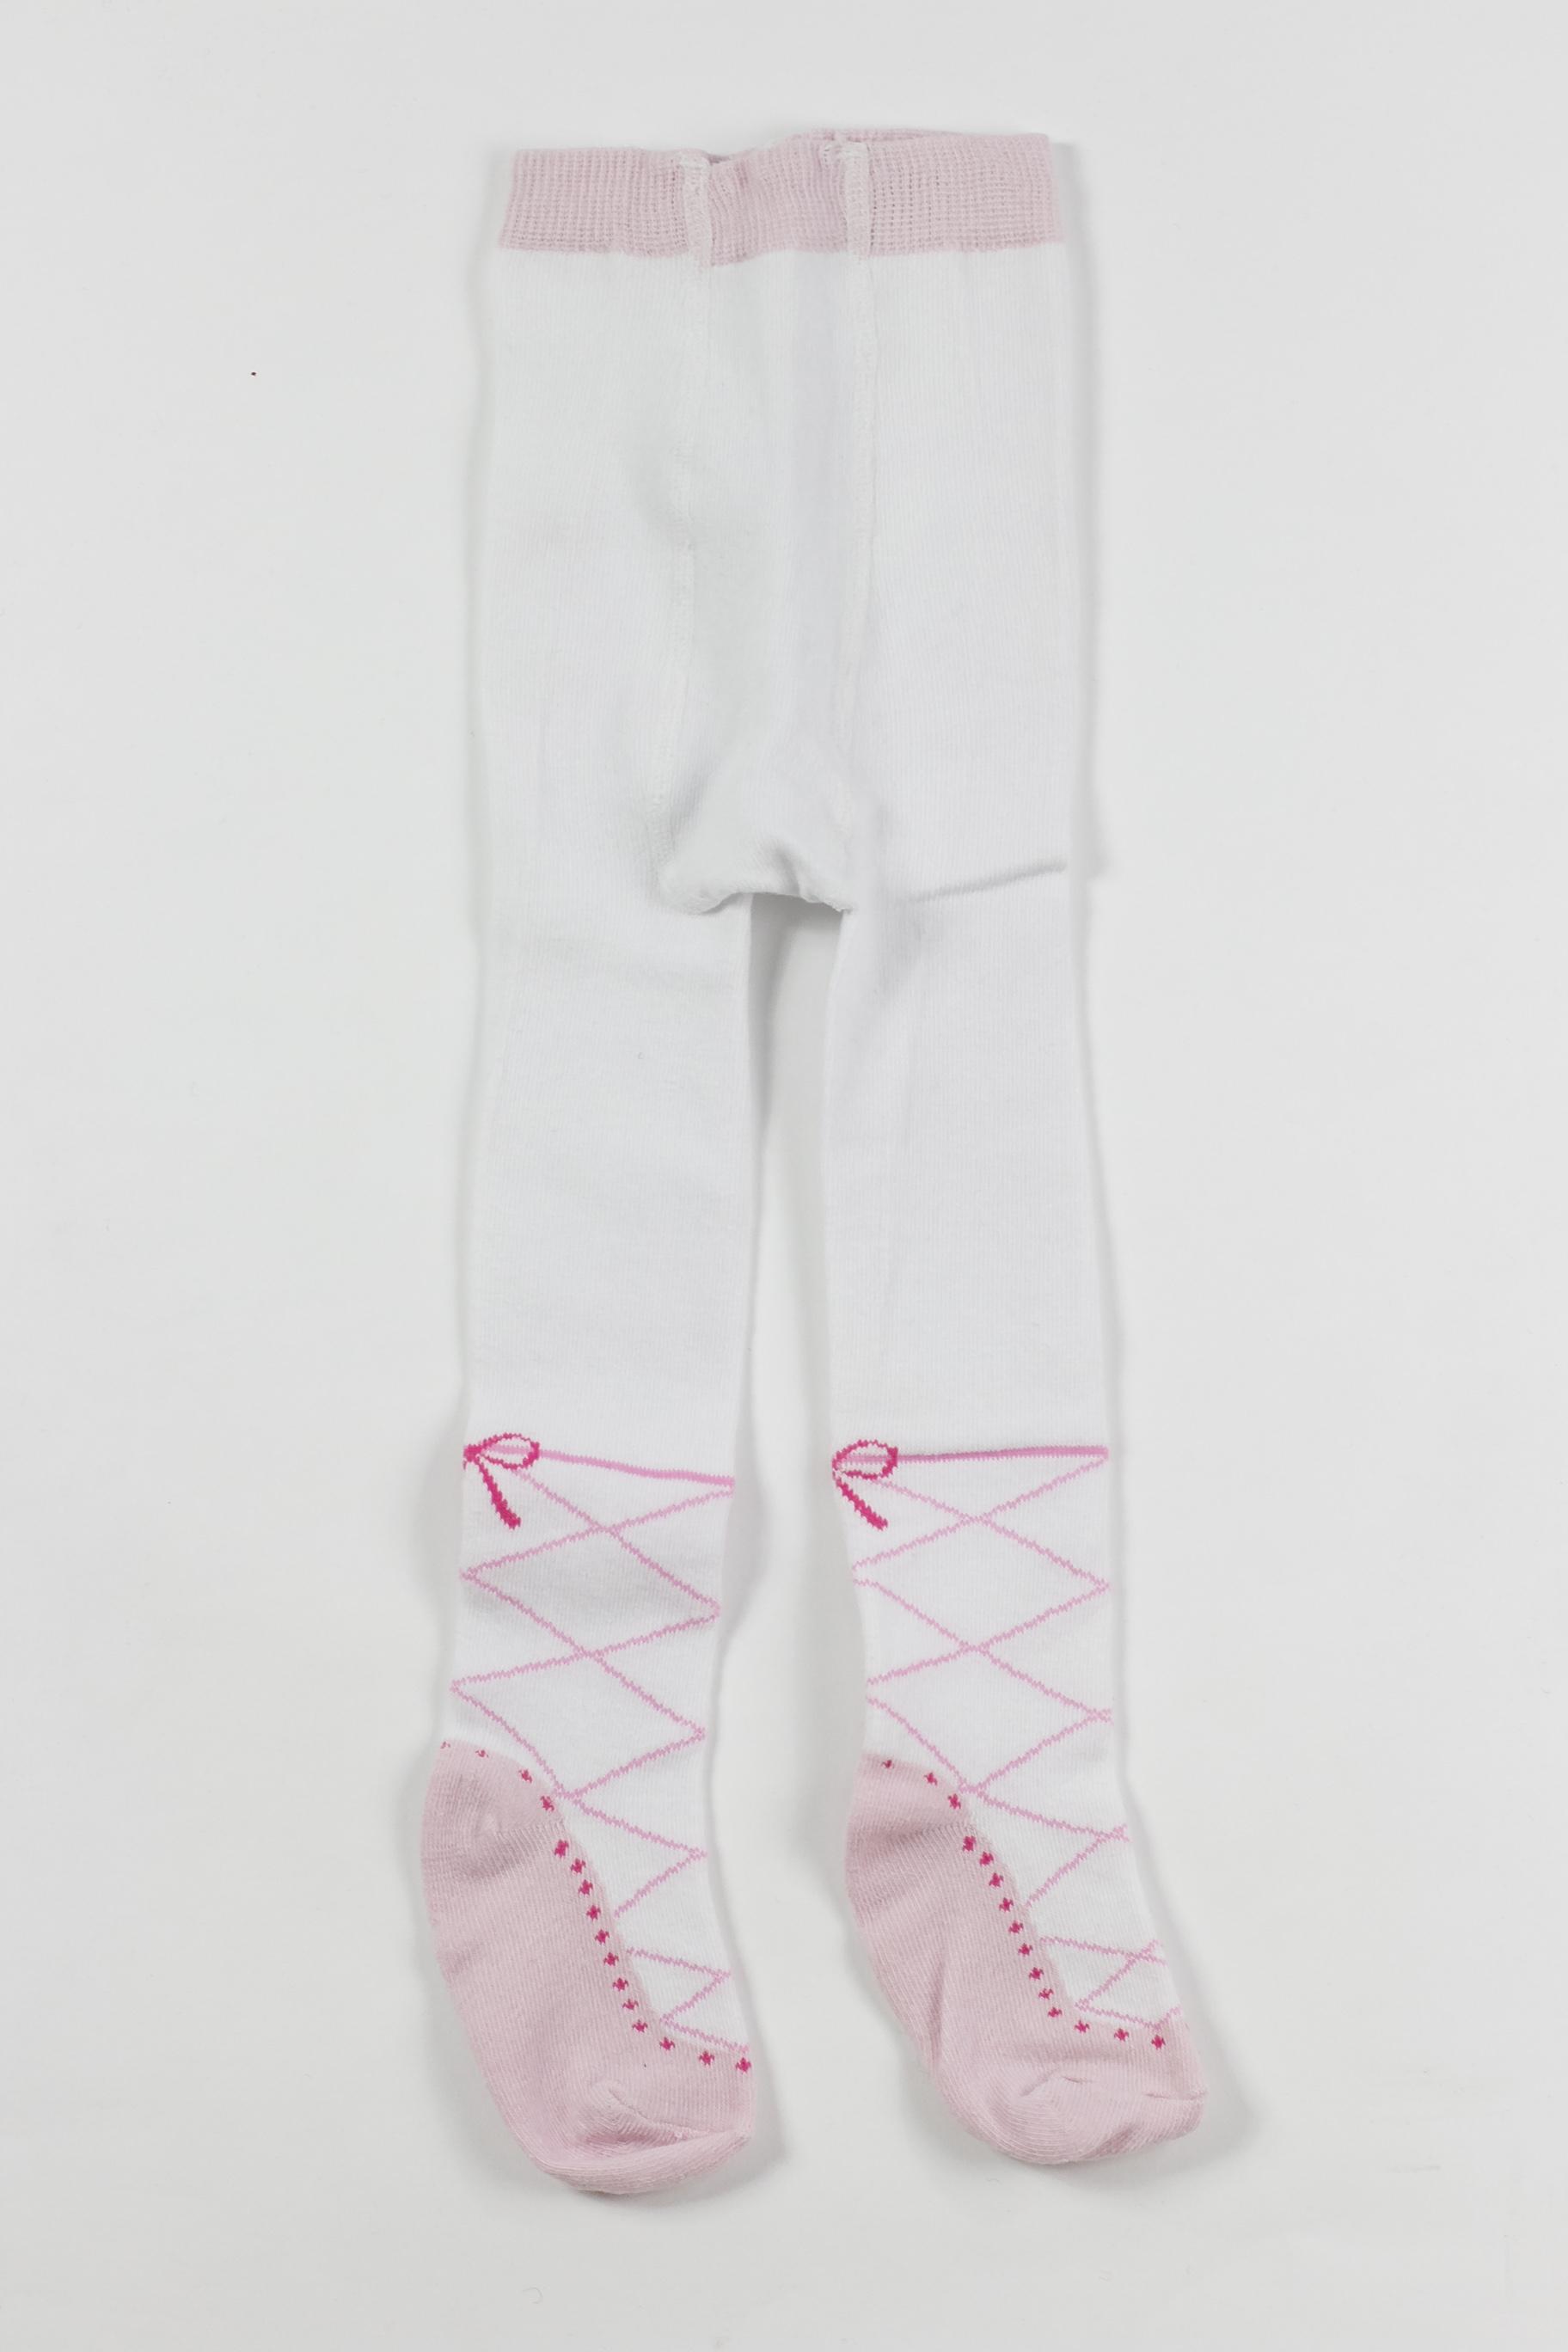 a70220e9e Meia calça infantil com detalhe bailarina - Brechó Agora é Meu!